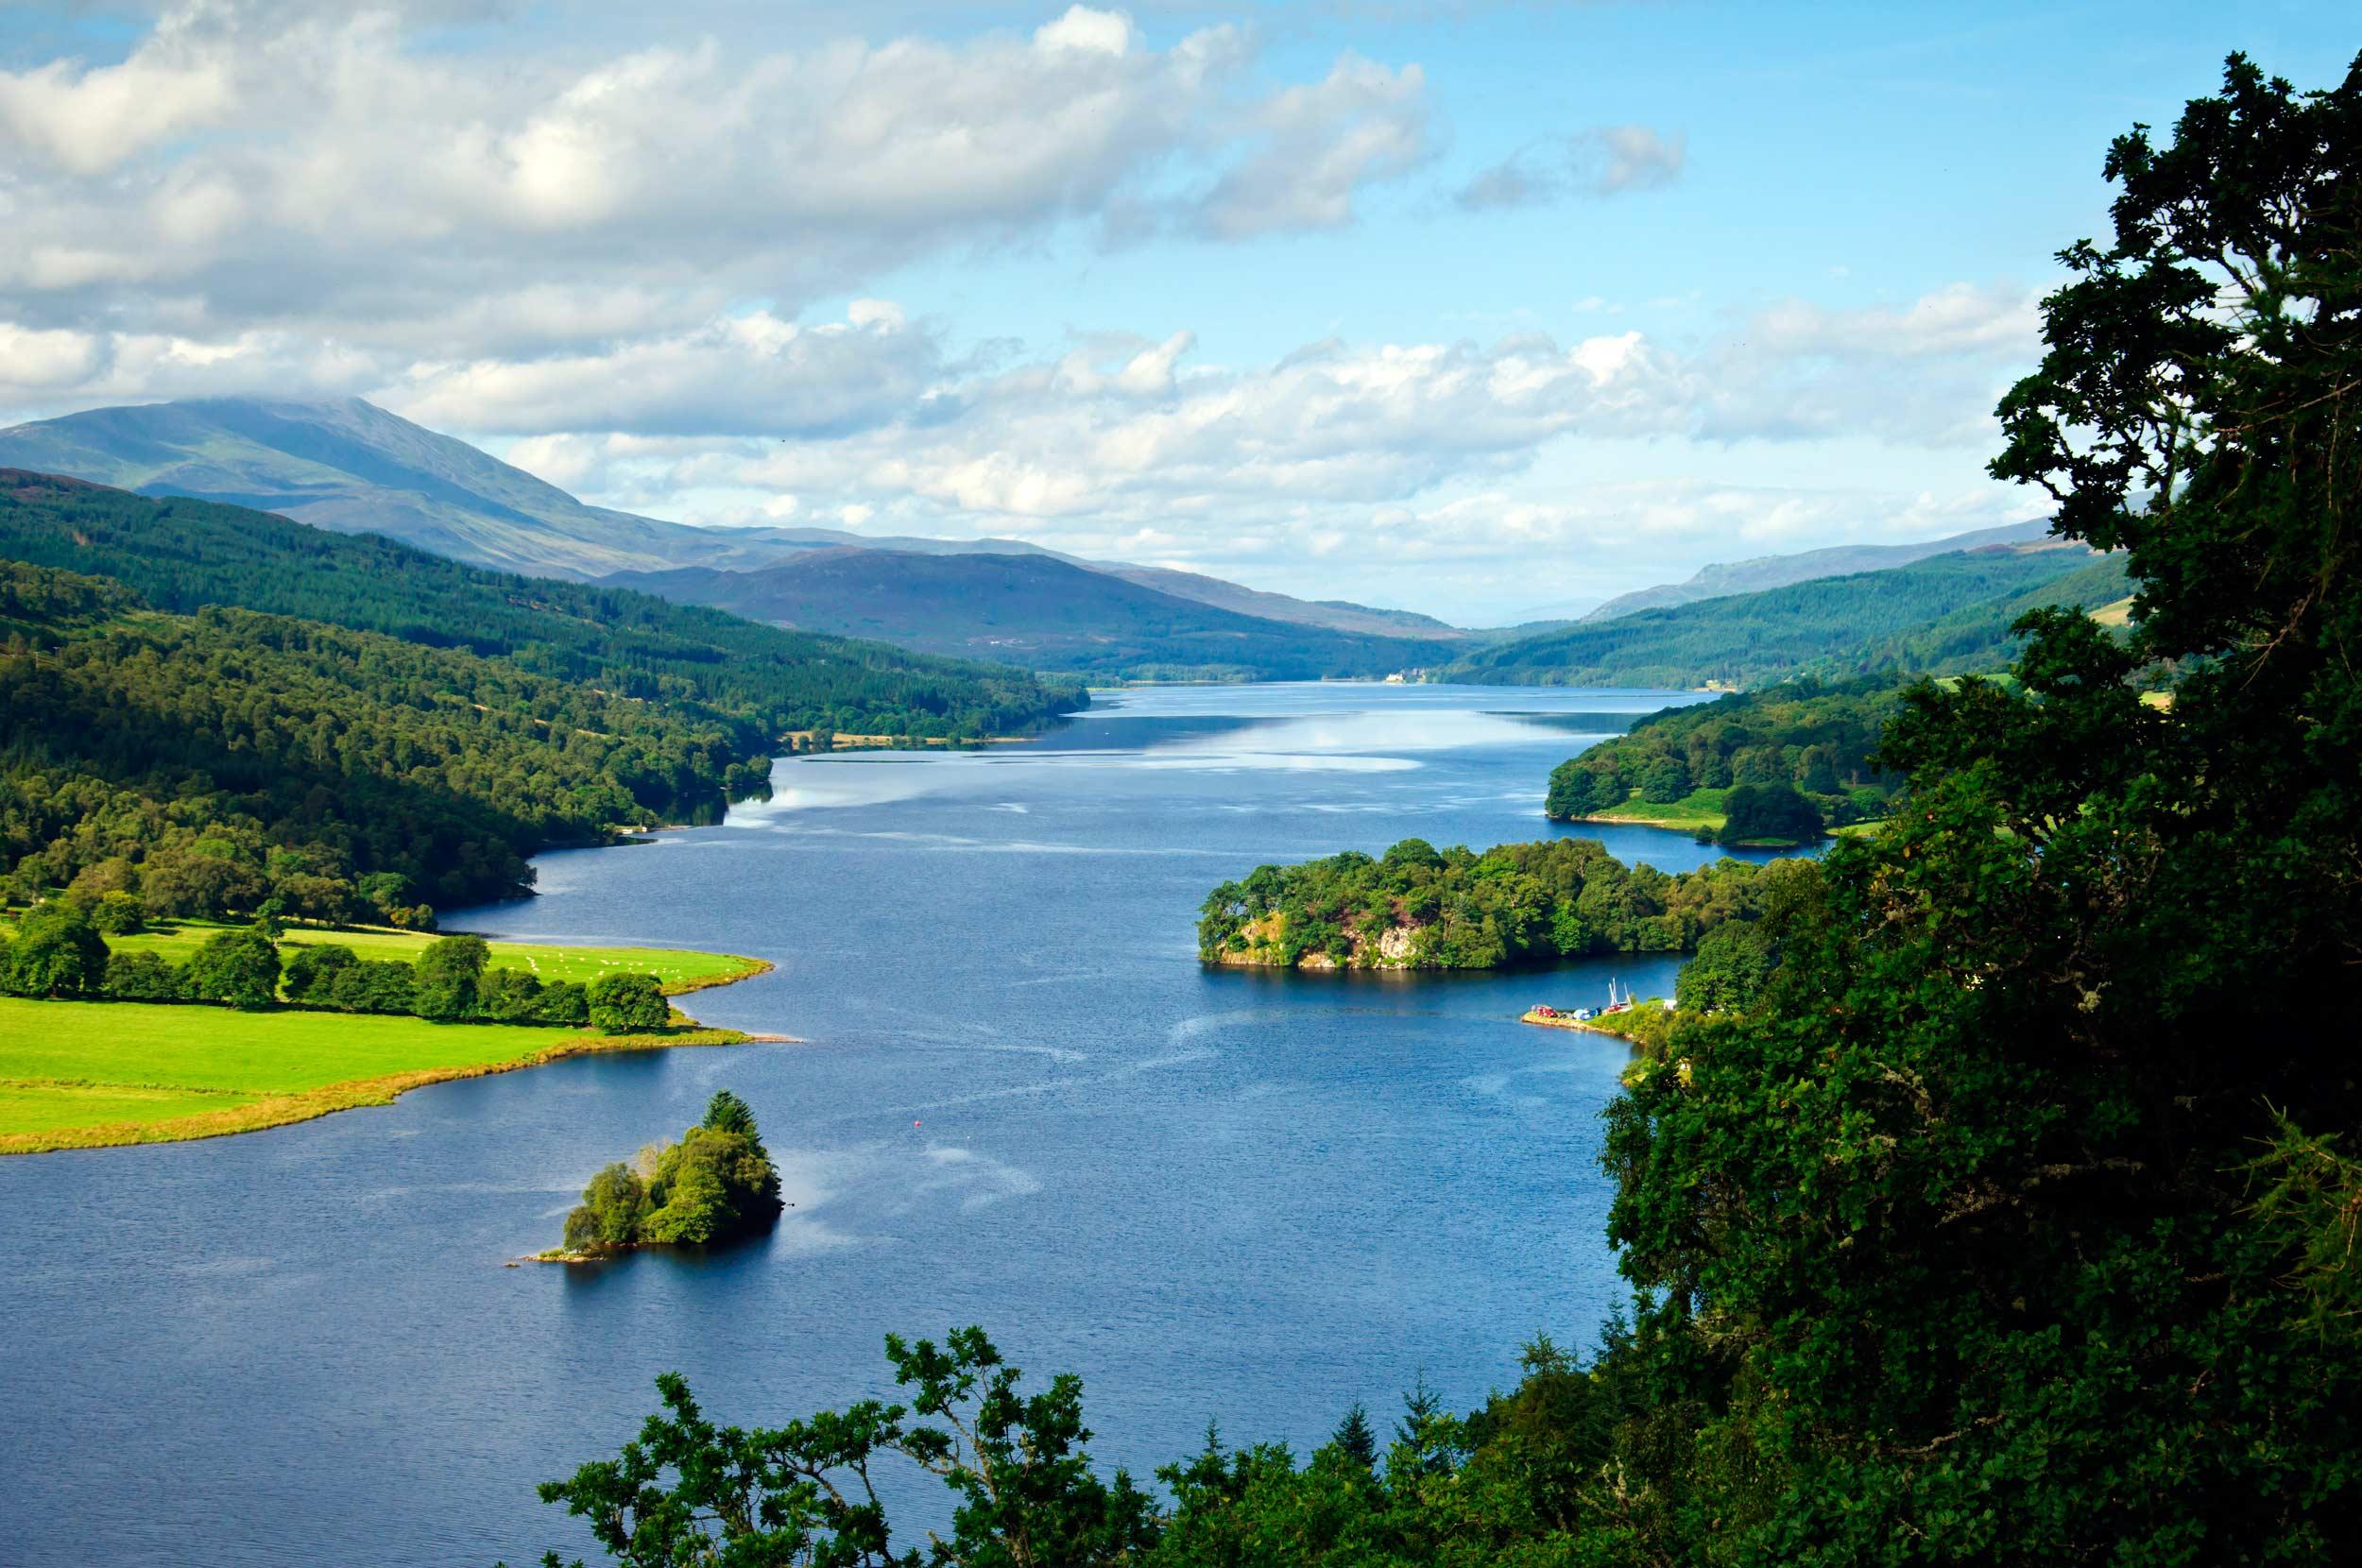 Queens View,Loch Tummel, Perthshire  (Bildagentur Zoonar GmbH/Shutterstock)